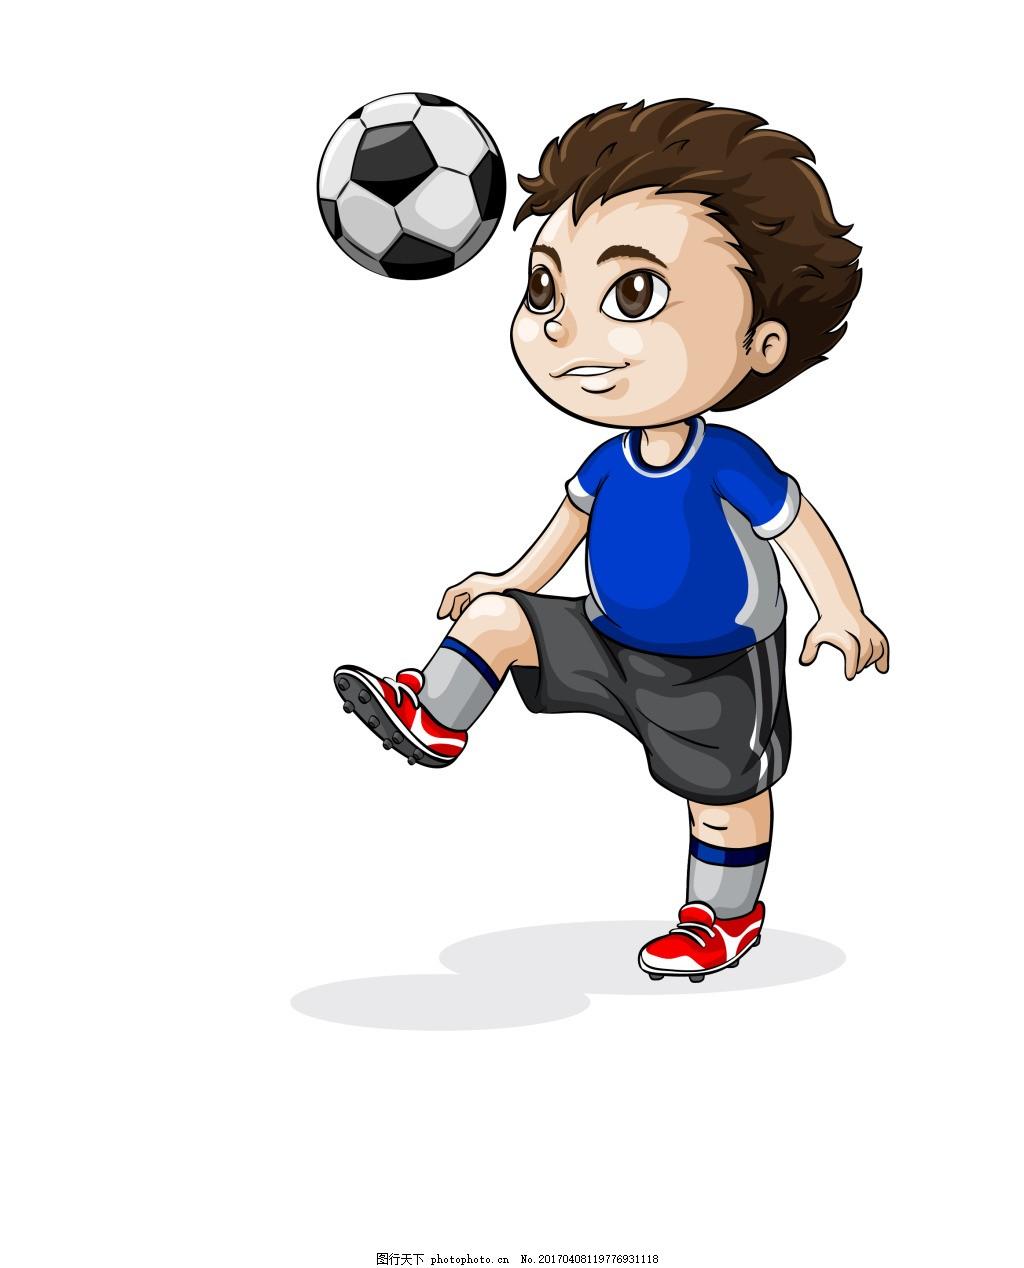 矢量踢足球eps,可爱的卡通儿童人物矢量素材 活泼孩子